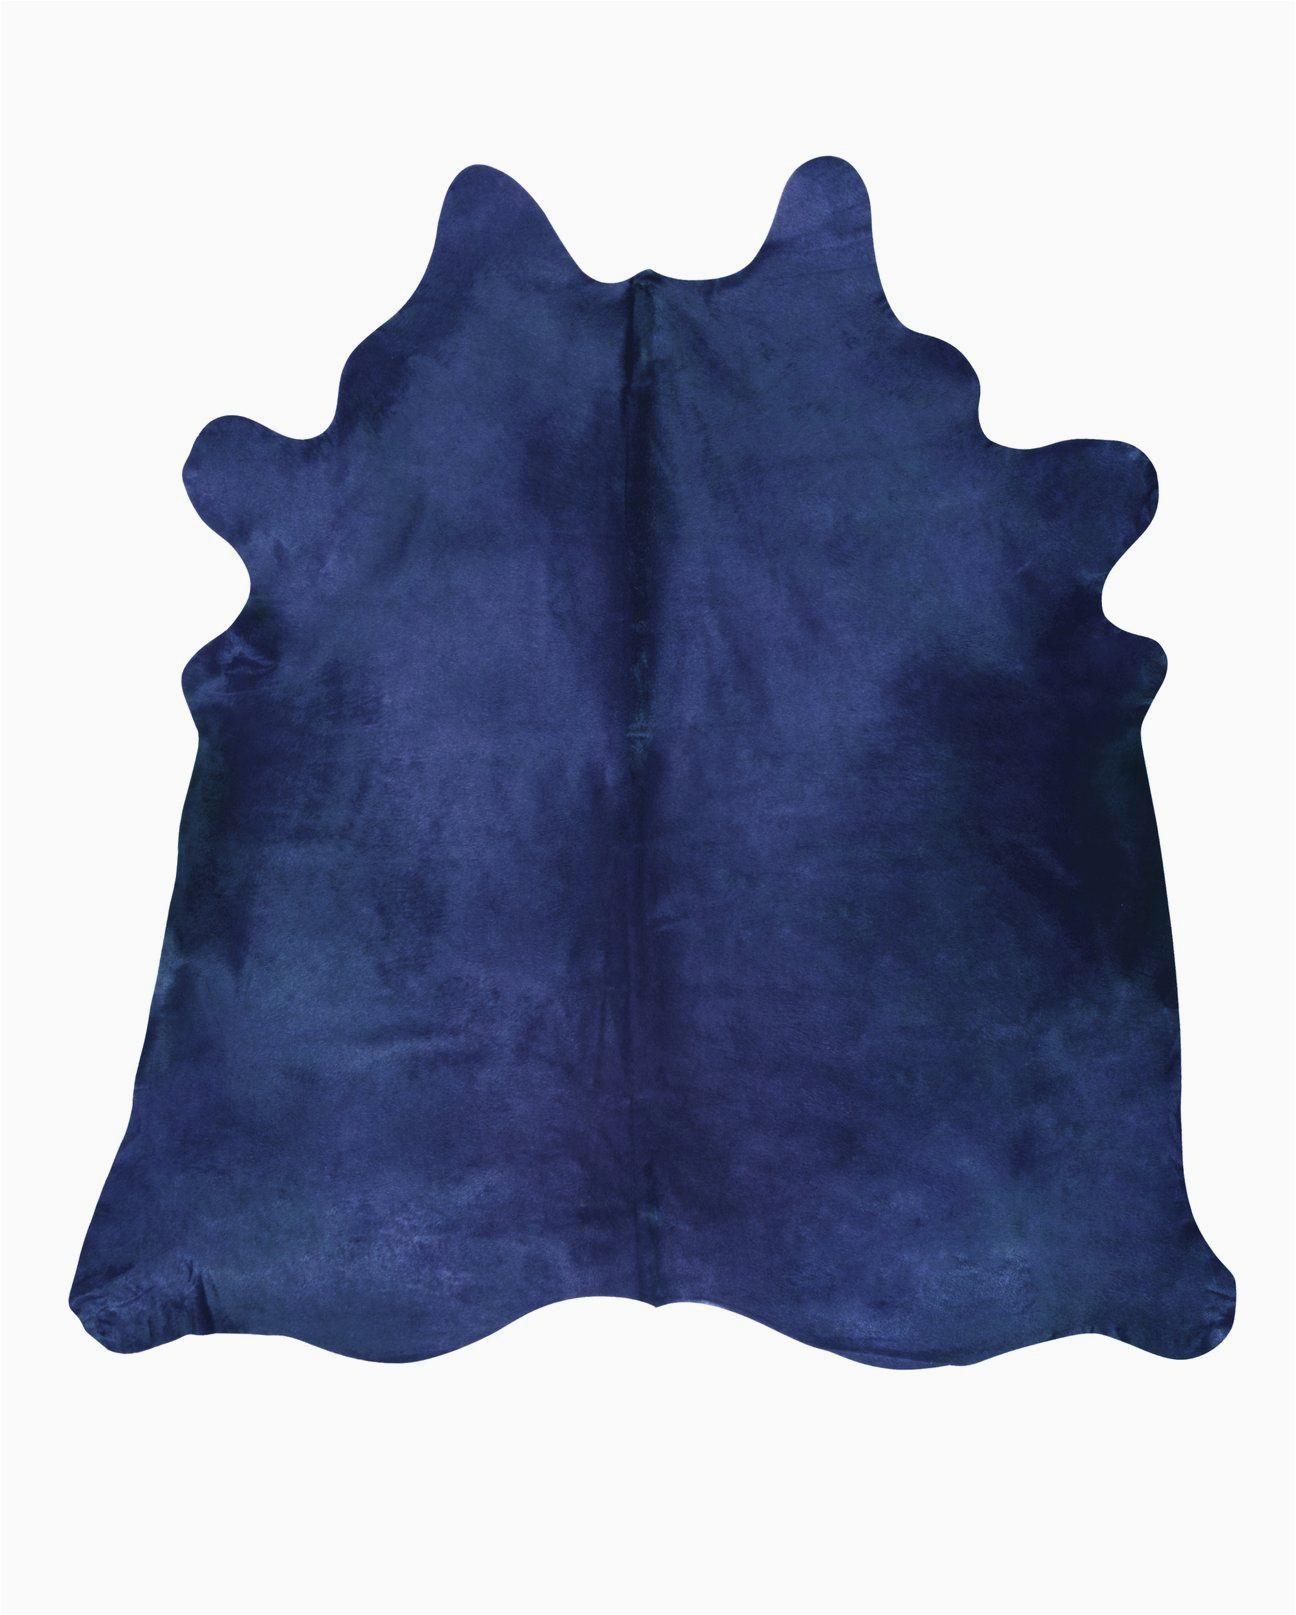 Blue Cow Skin Rug Navy Blue Cowhide Rug